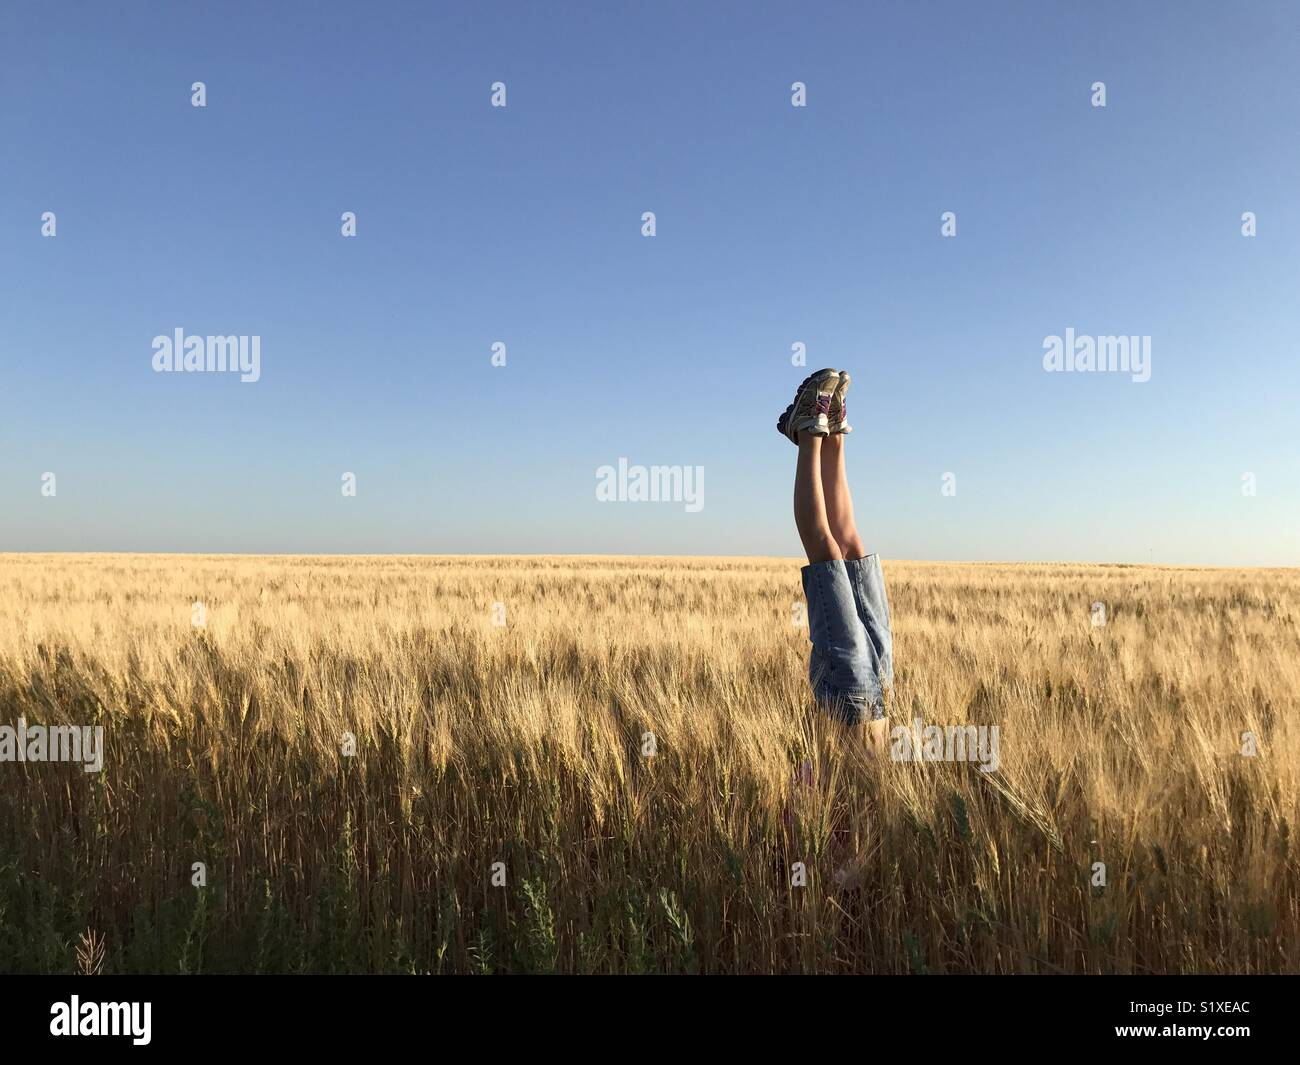 Una ragazza fa un handstand in un campo di grano. Immagini Stock